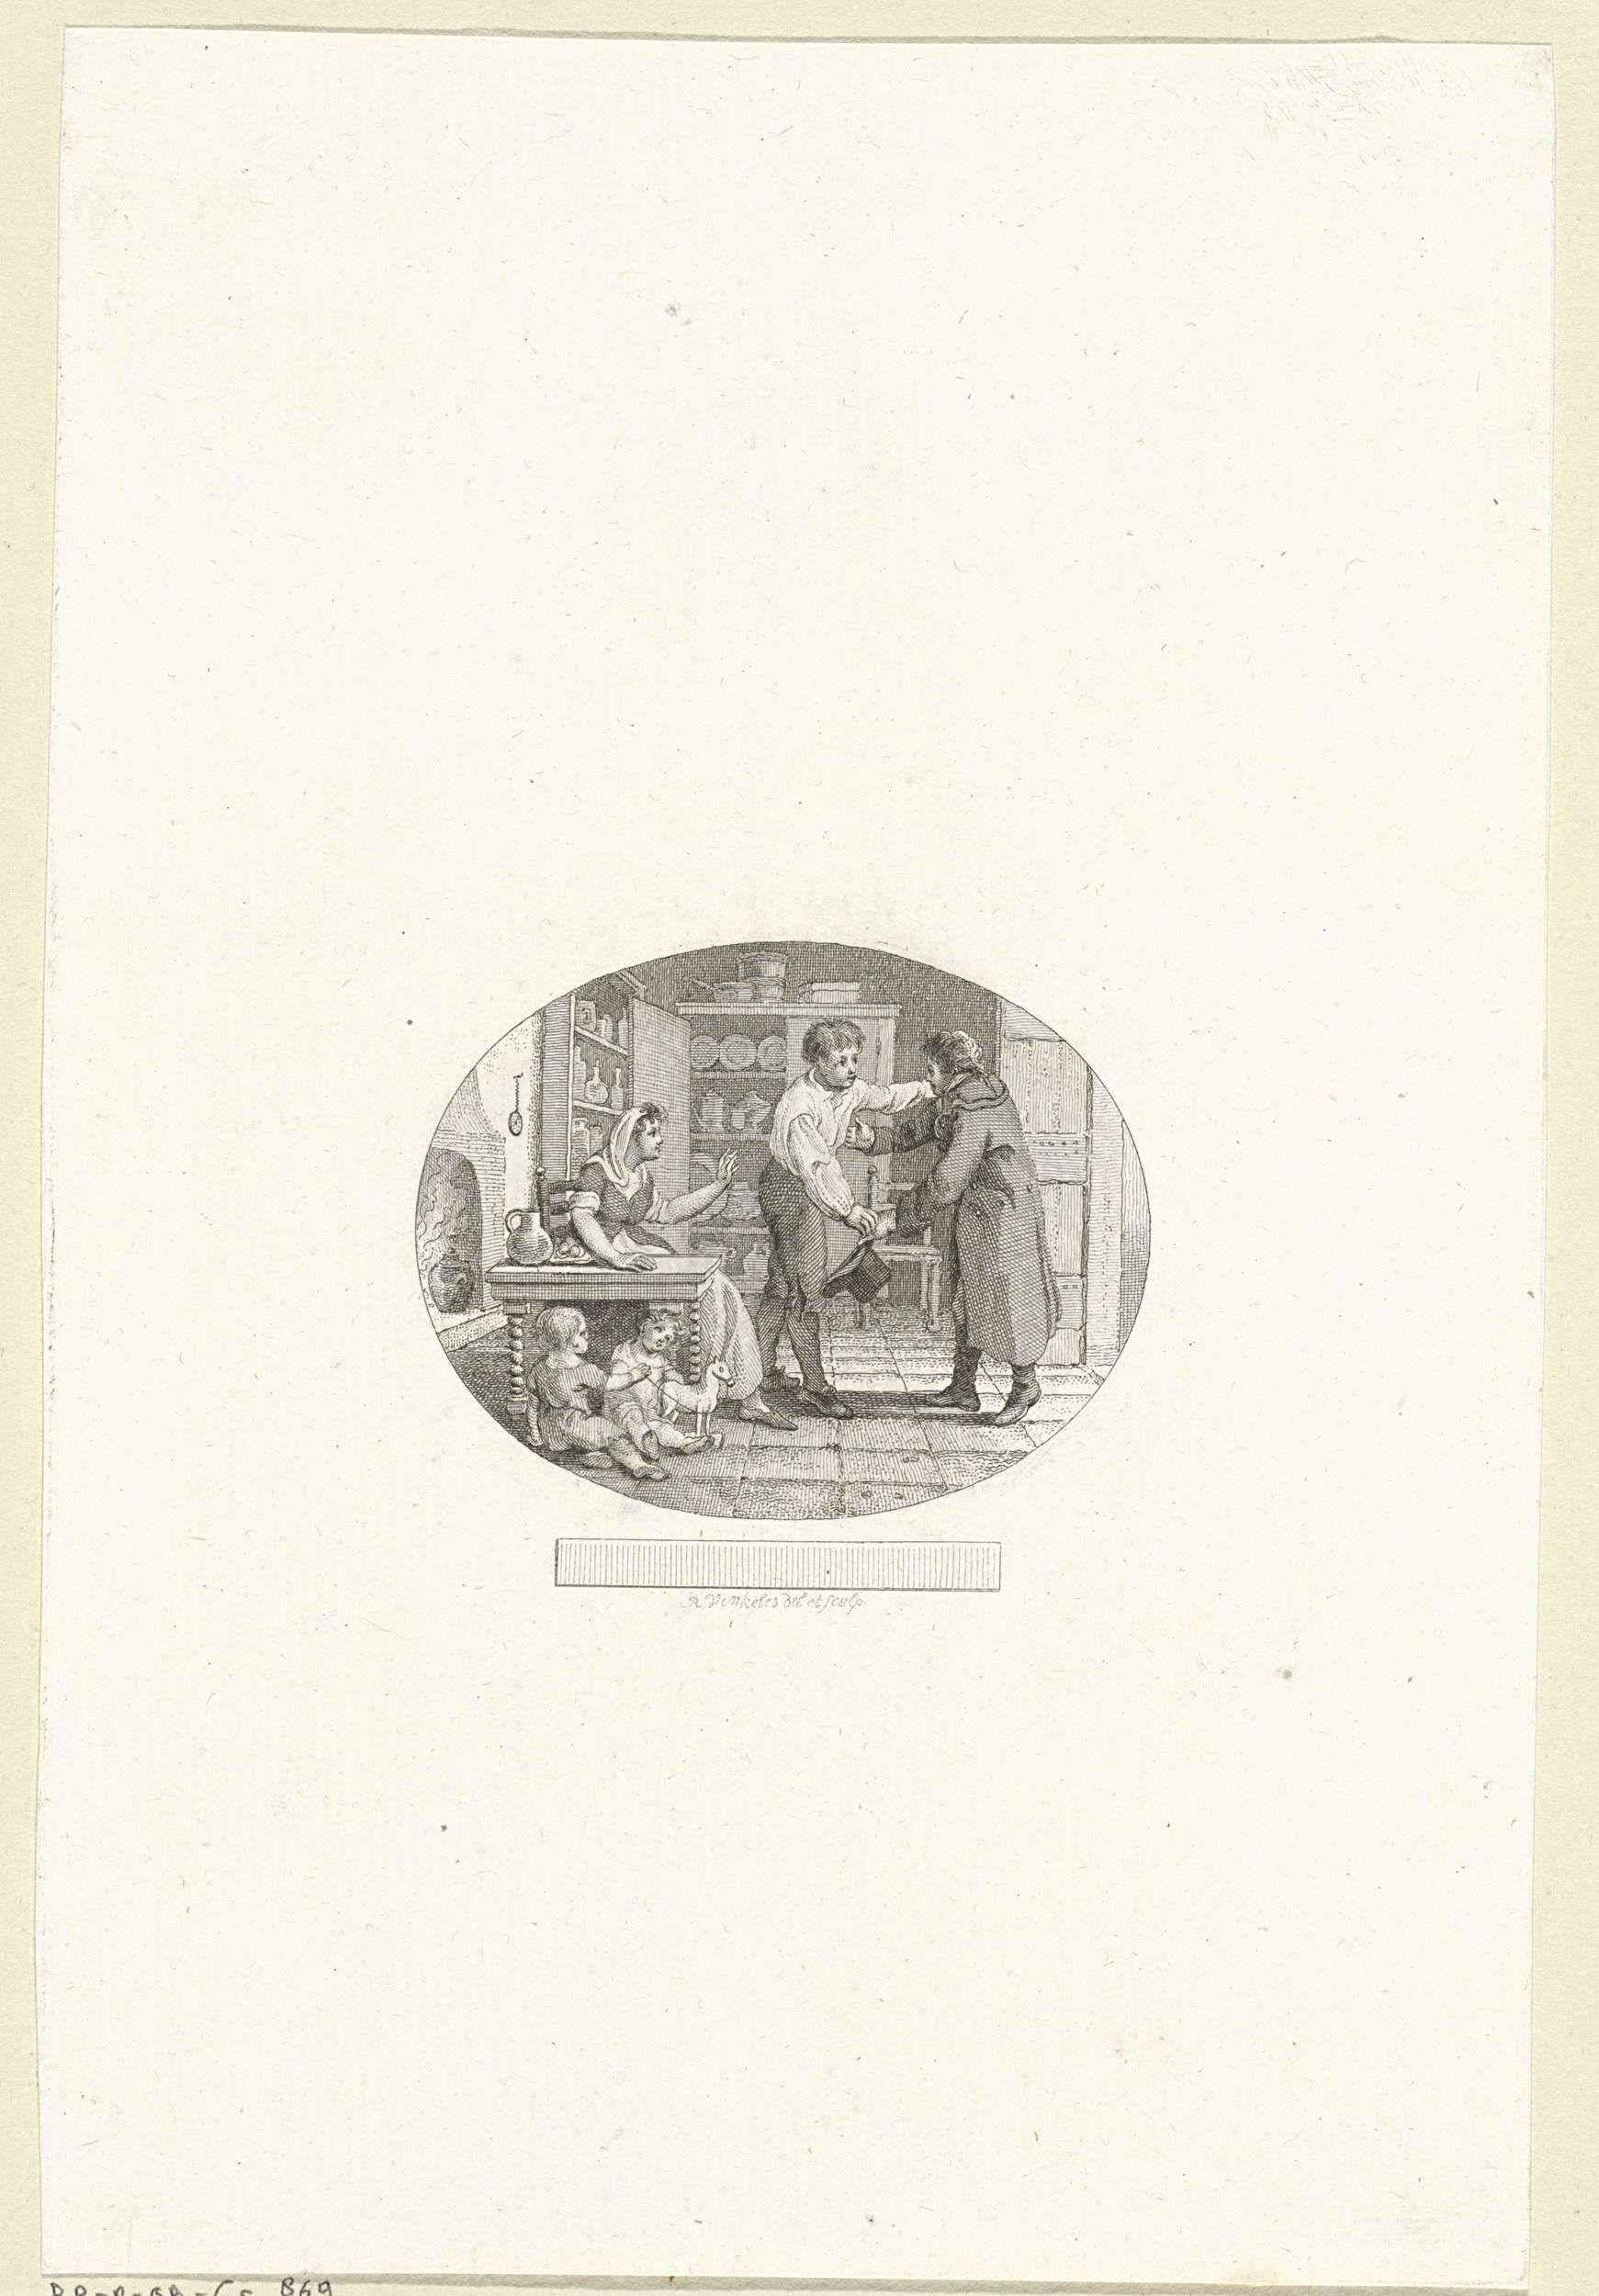 Reinier Vinkeles | Titelpagina voor: J.G. Muller, 'Ferdinand', 1805, Reinier Vinkeles, 1805 |